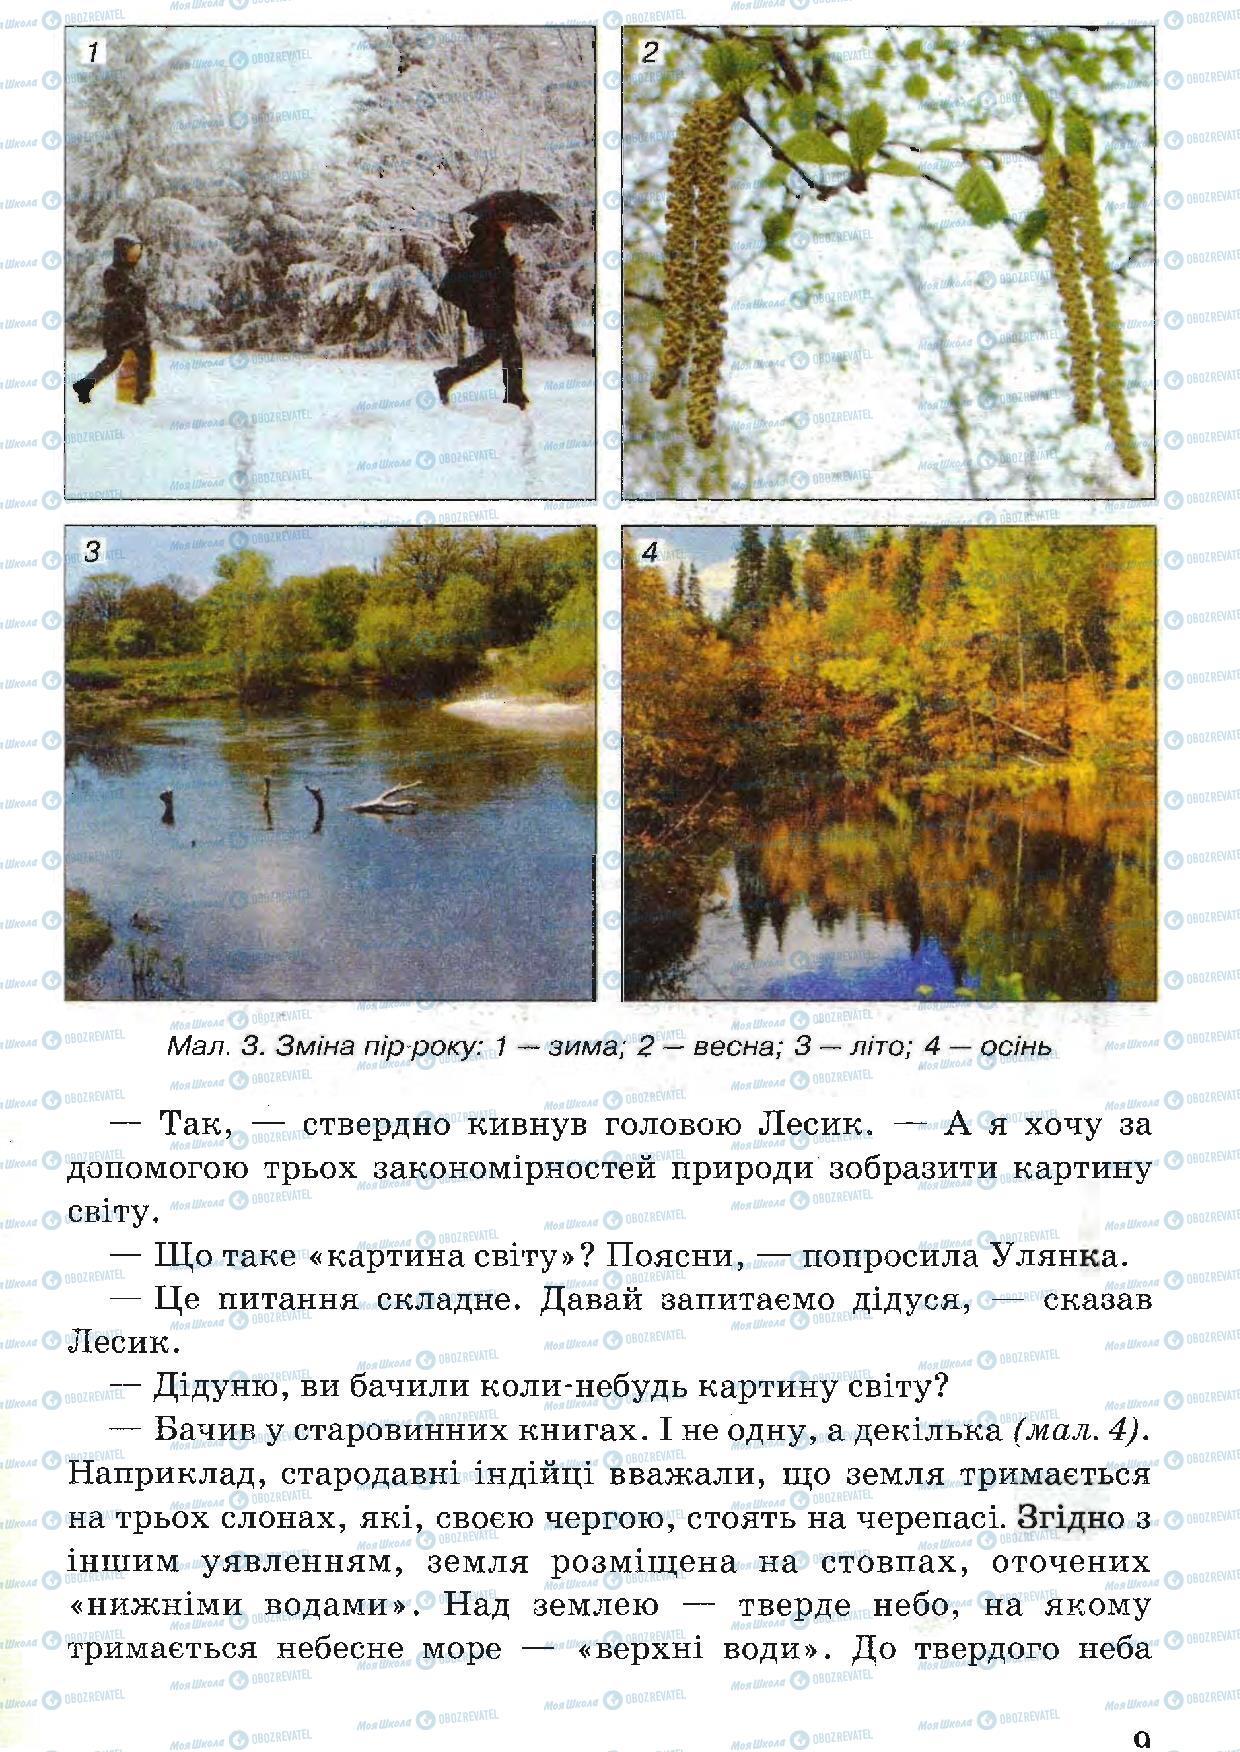 Підручники Природознавство 5 клас сторінка 9